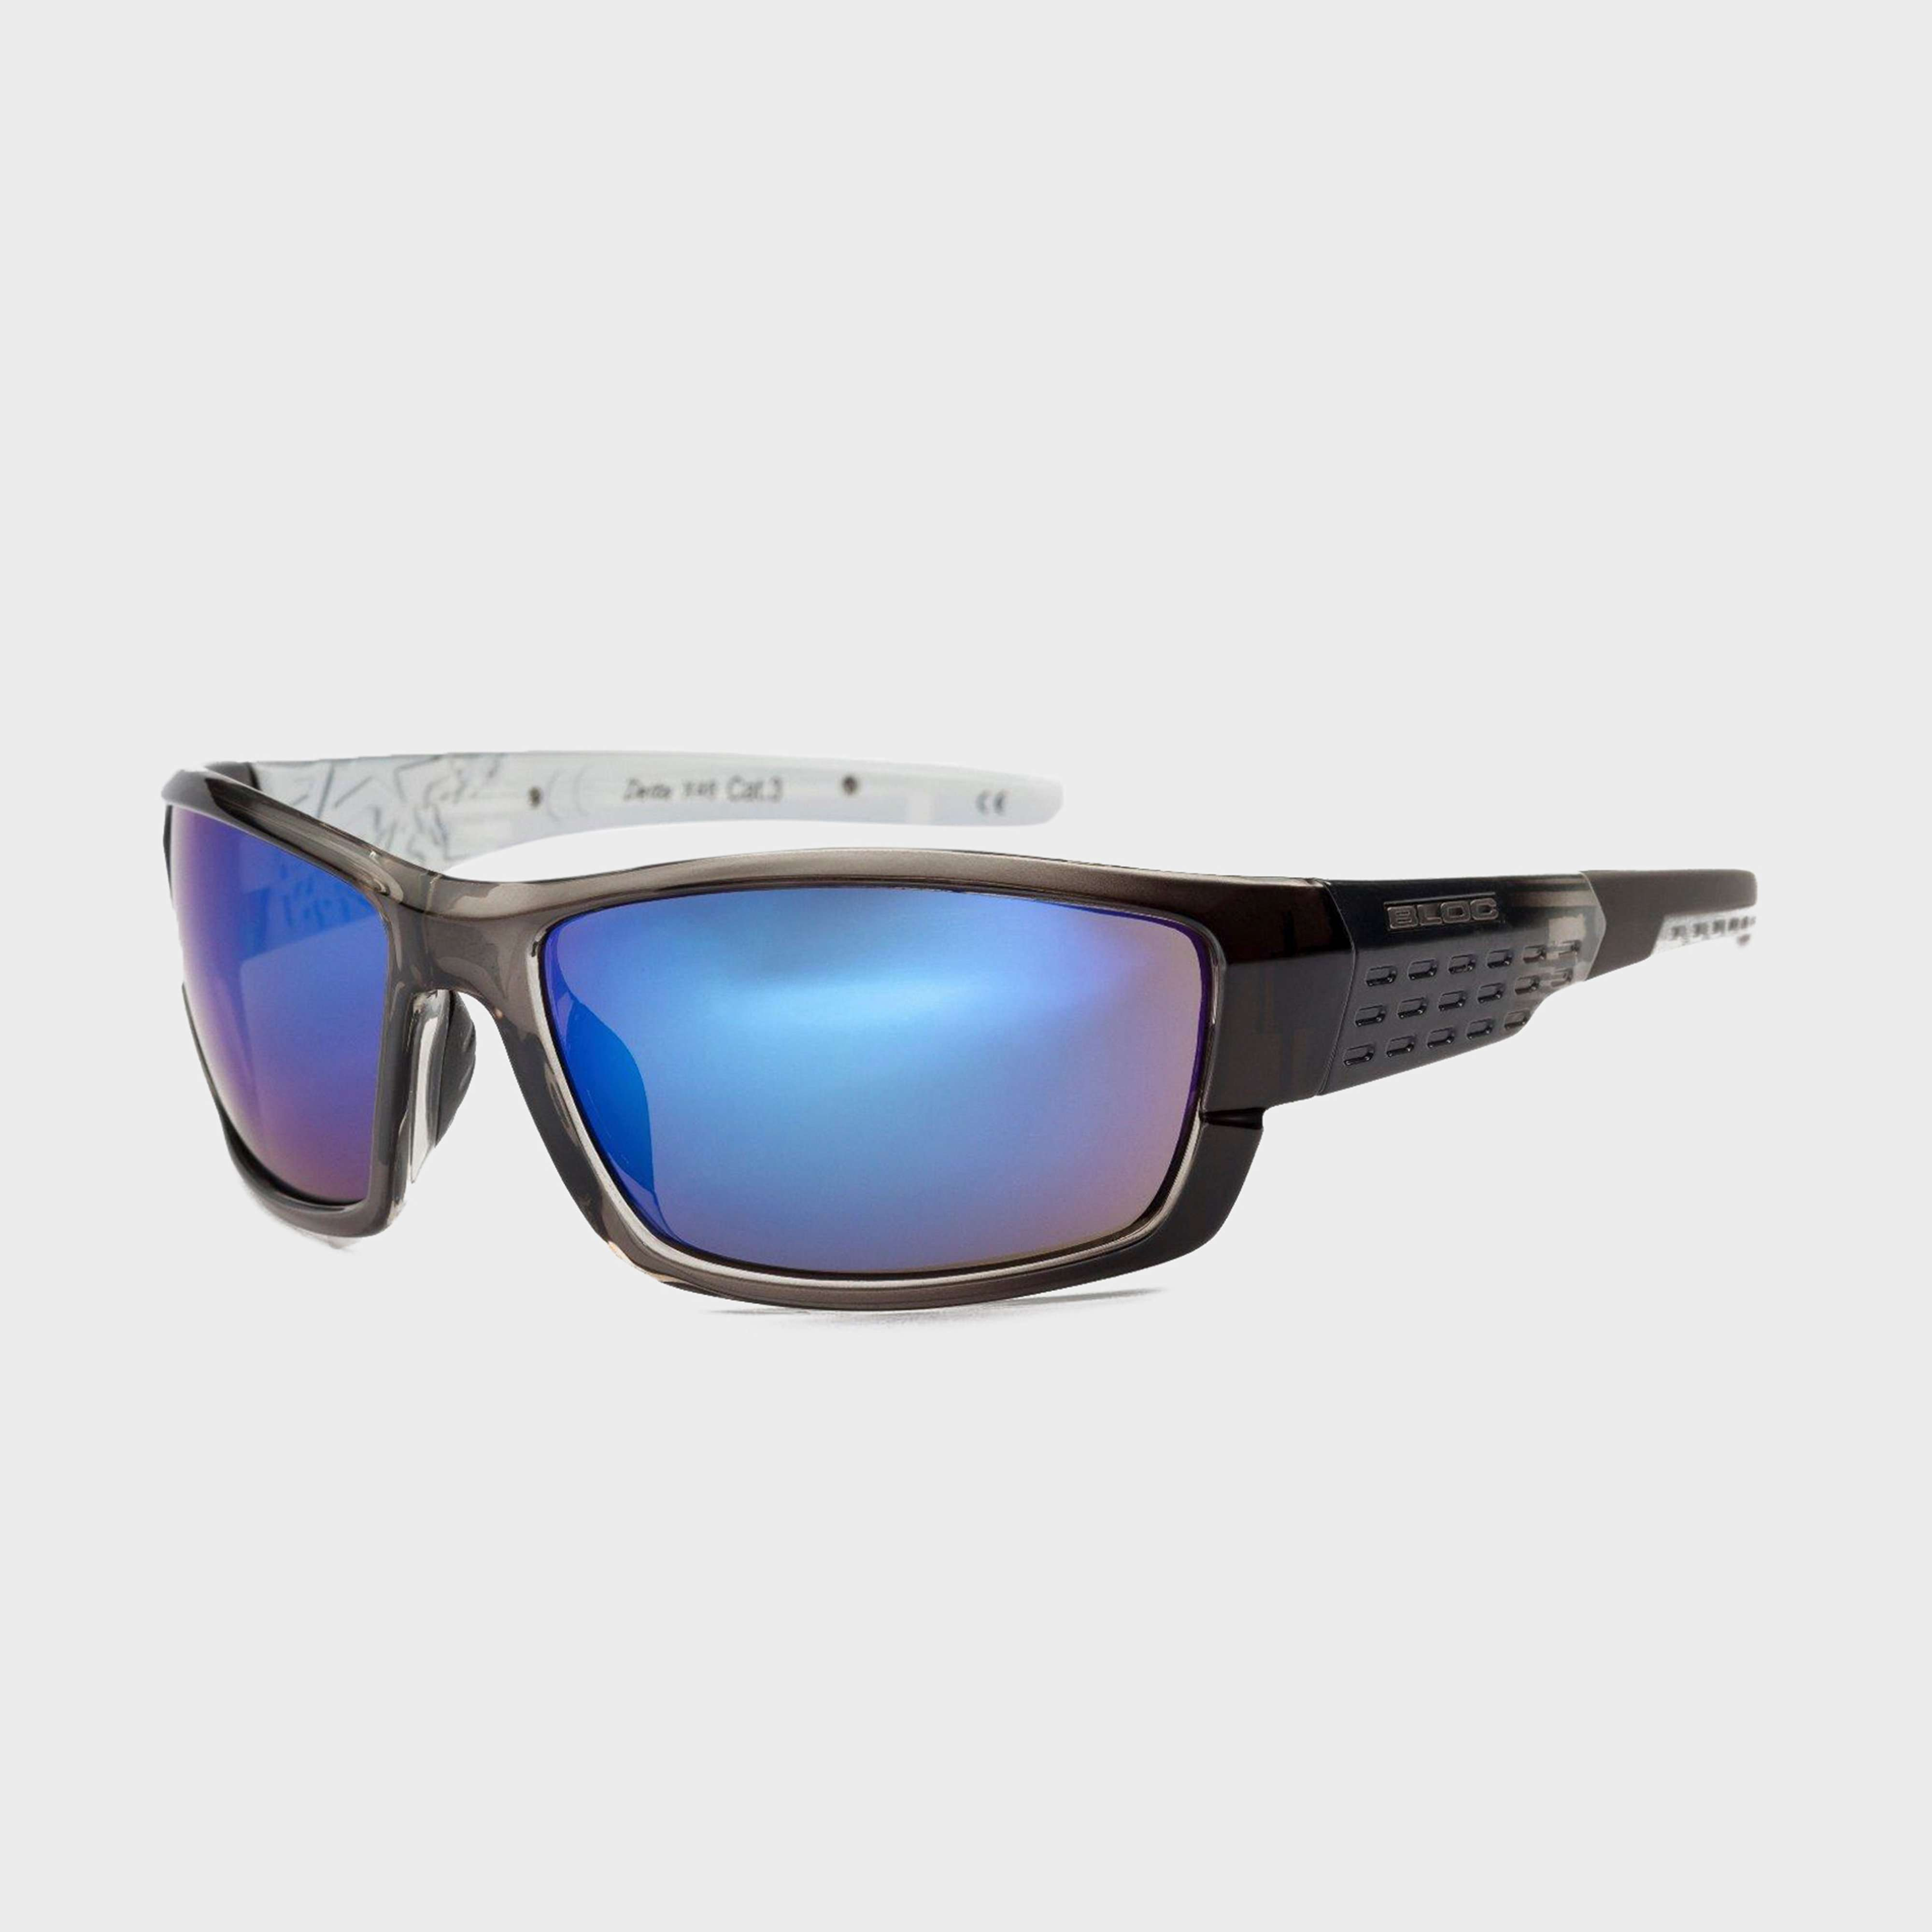 BLOC Delta X46 Sunglasses